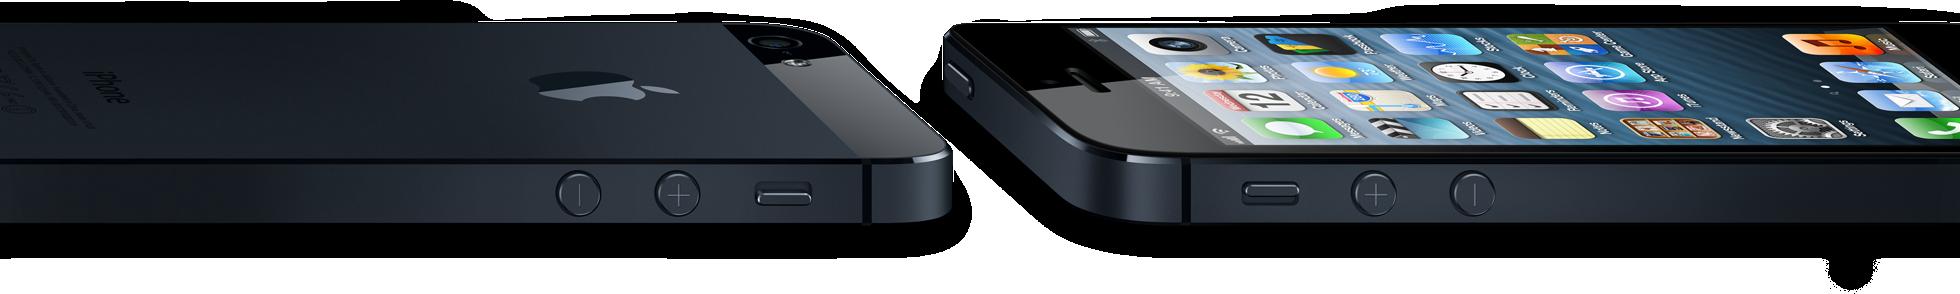 iPhones 5 de lado